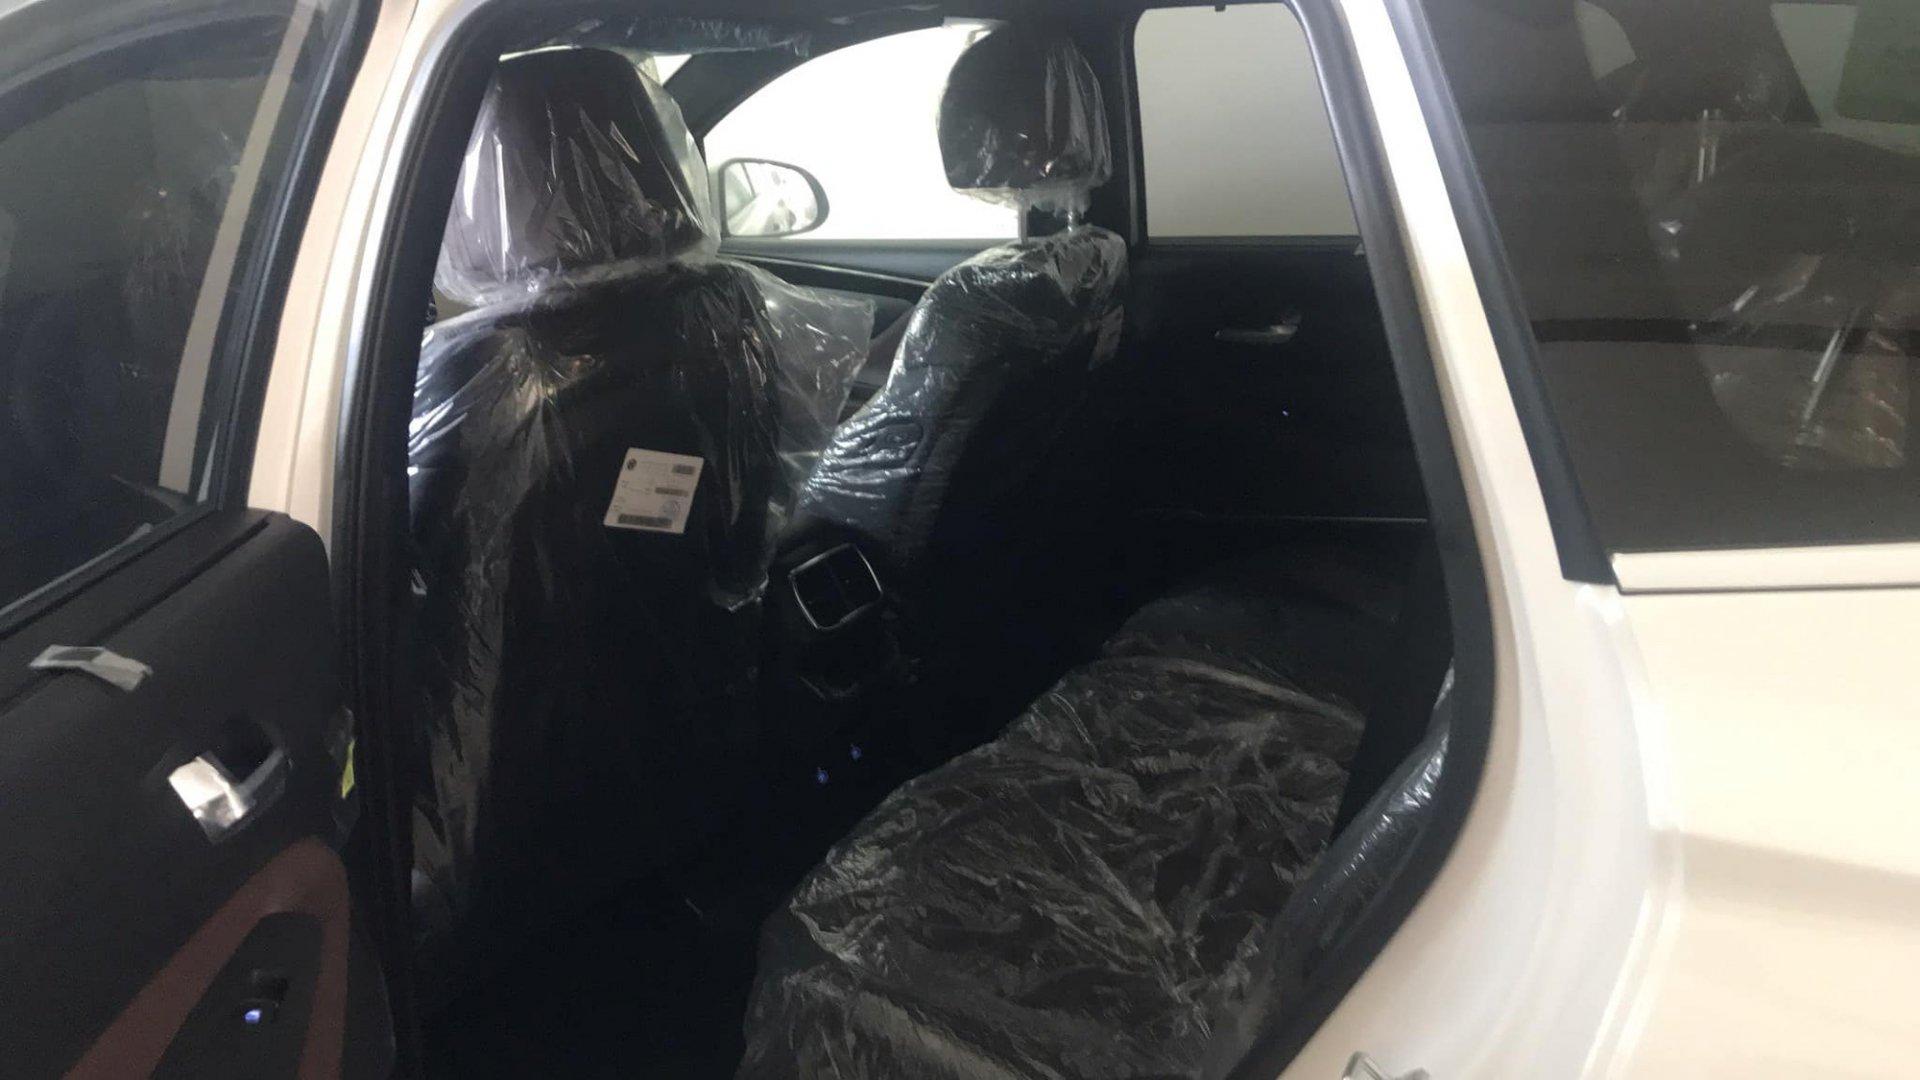 Thêm chiếc Hyundai Santa Fe biển VIP lên sàn xe cũ, vẫn nguyên vẹn chưa hề được lăn bánh 4